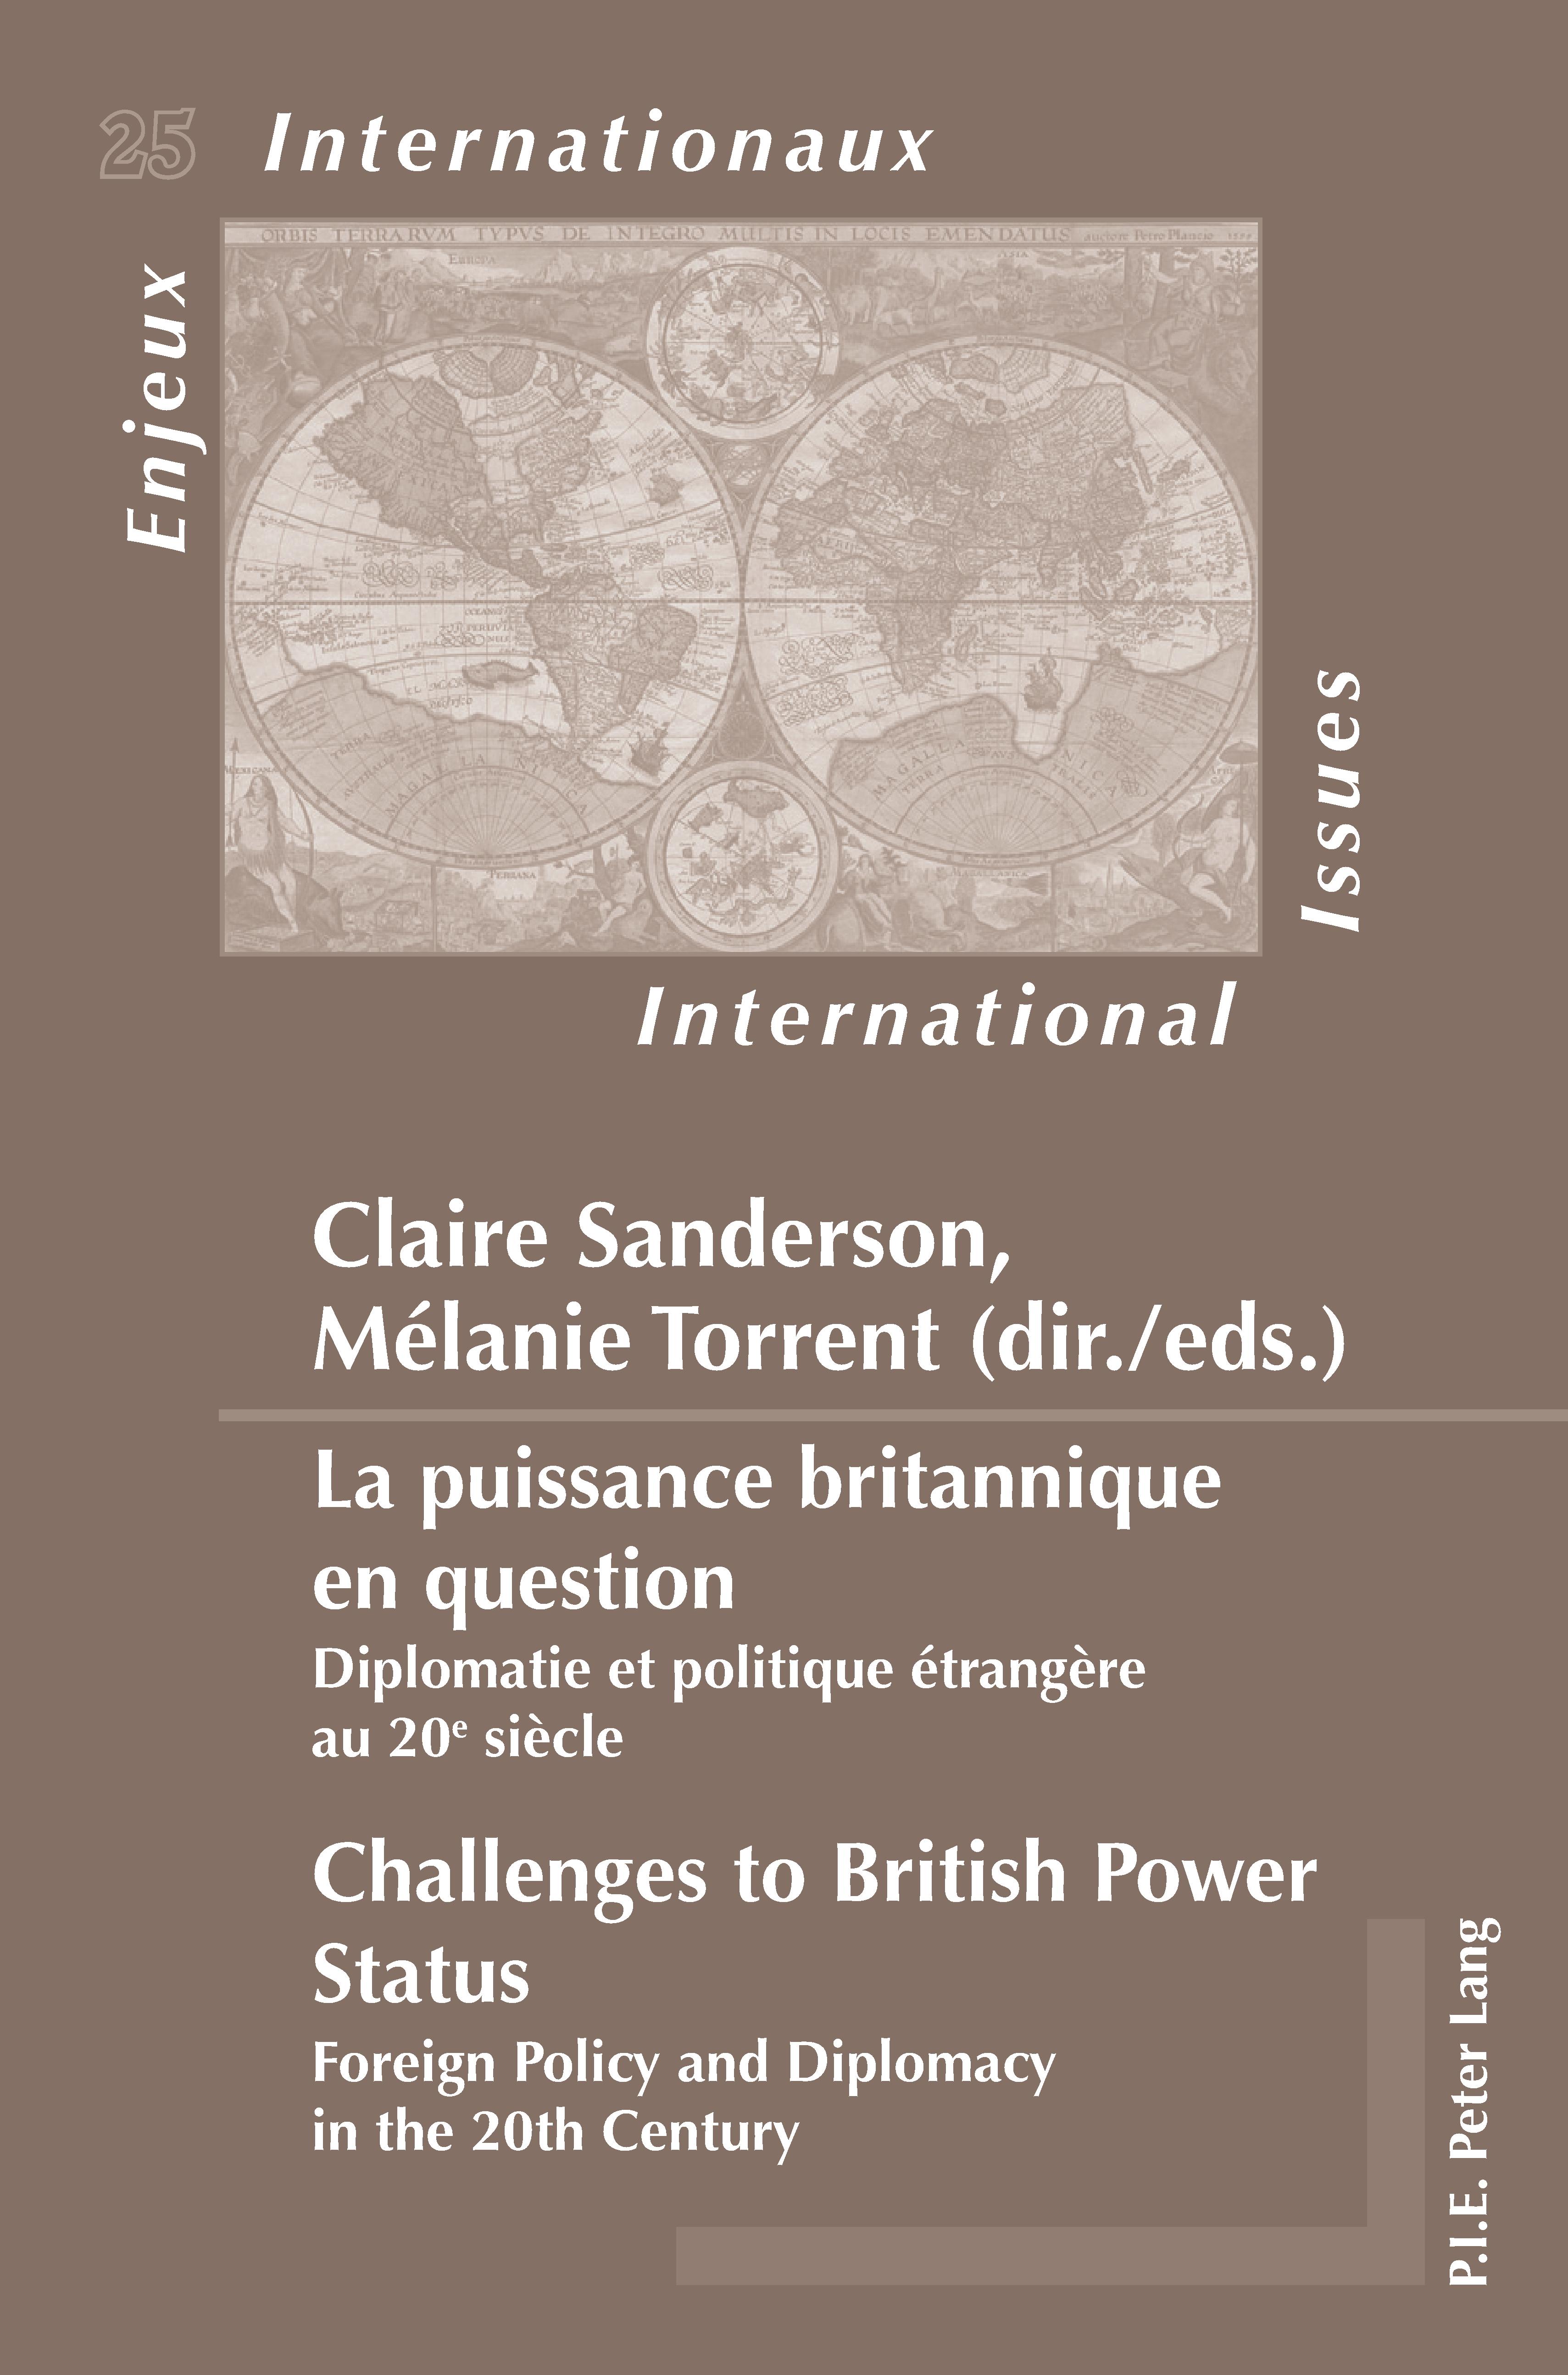 LA PUISSANCE BRITANNIQUE EN QUESTION/CHALLENGES TO BRITISH POWER STATUS